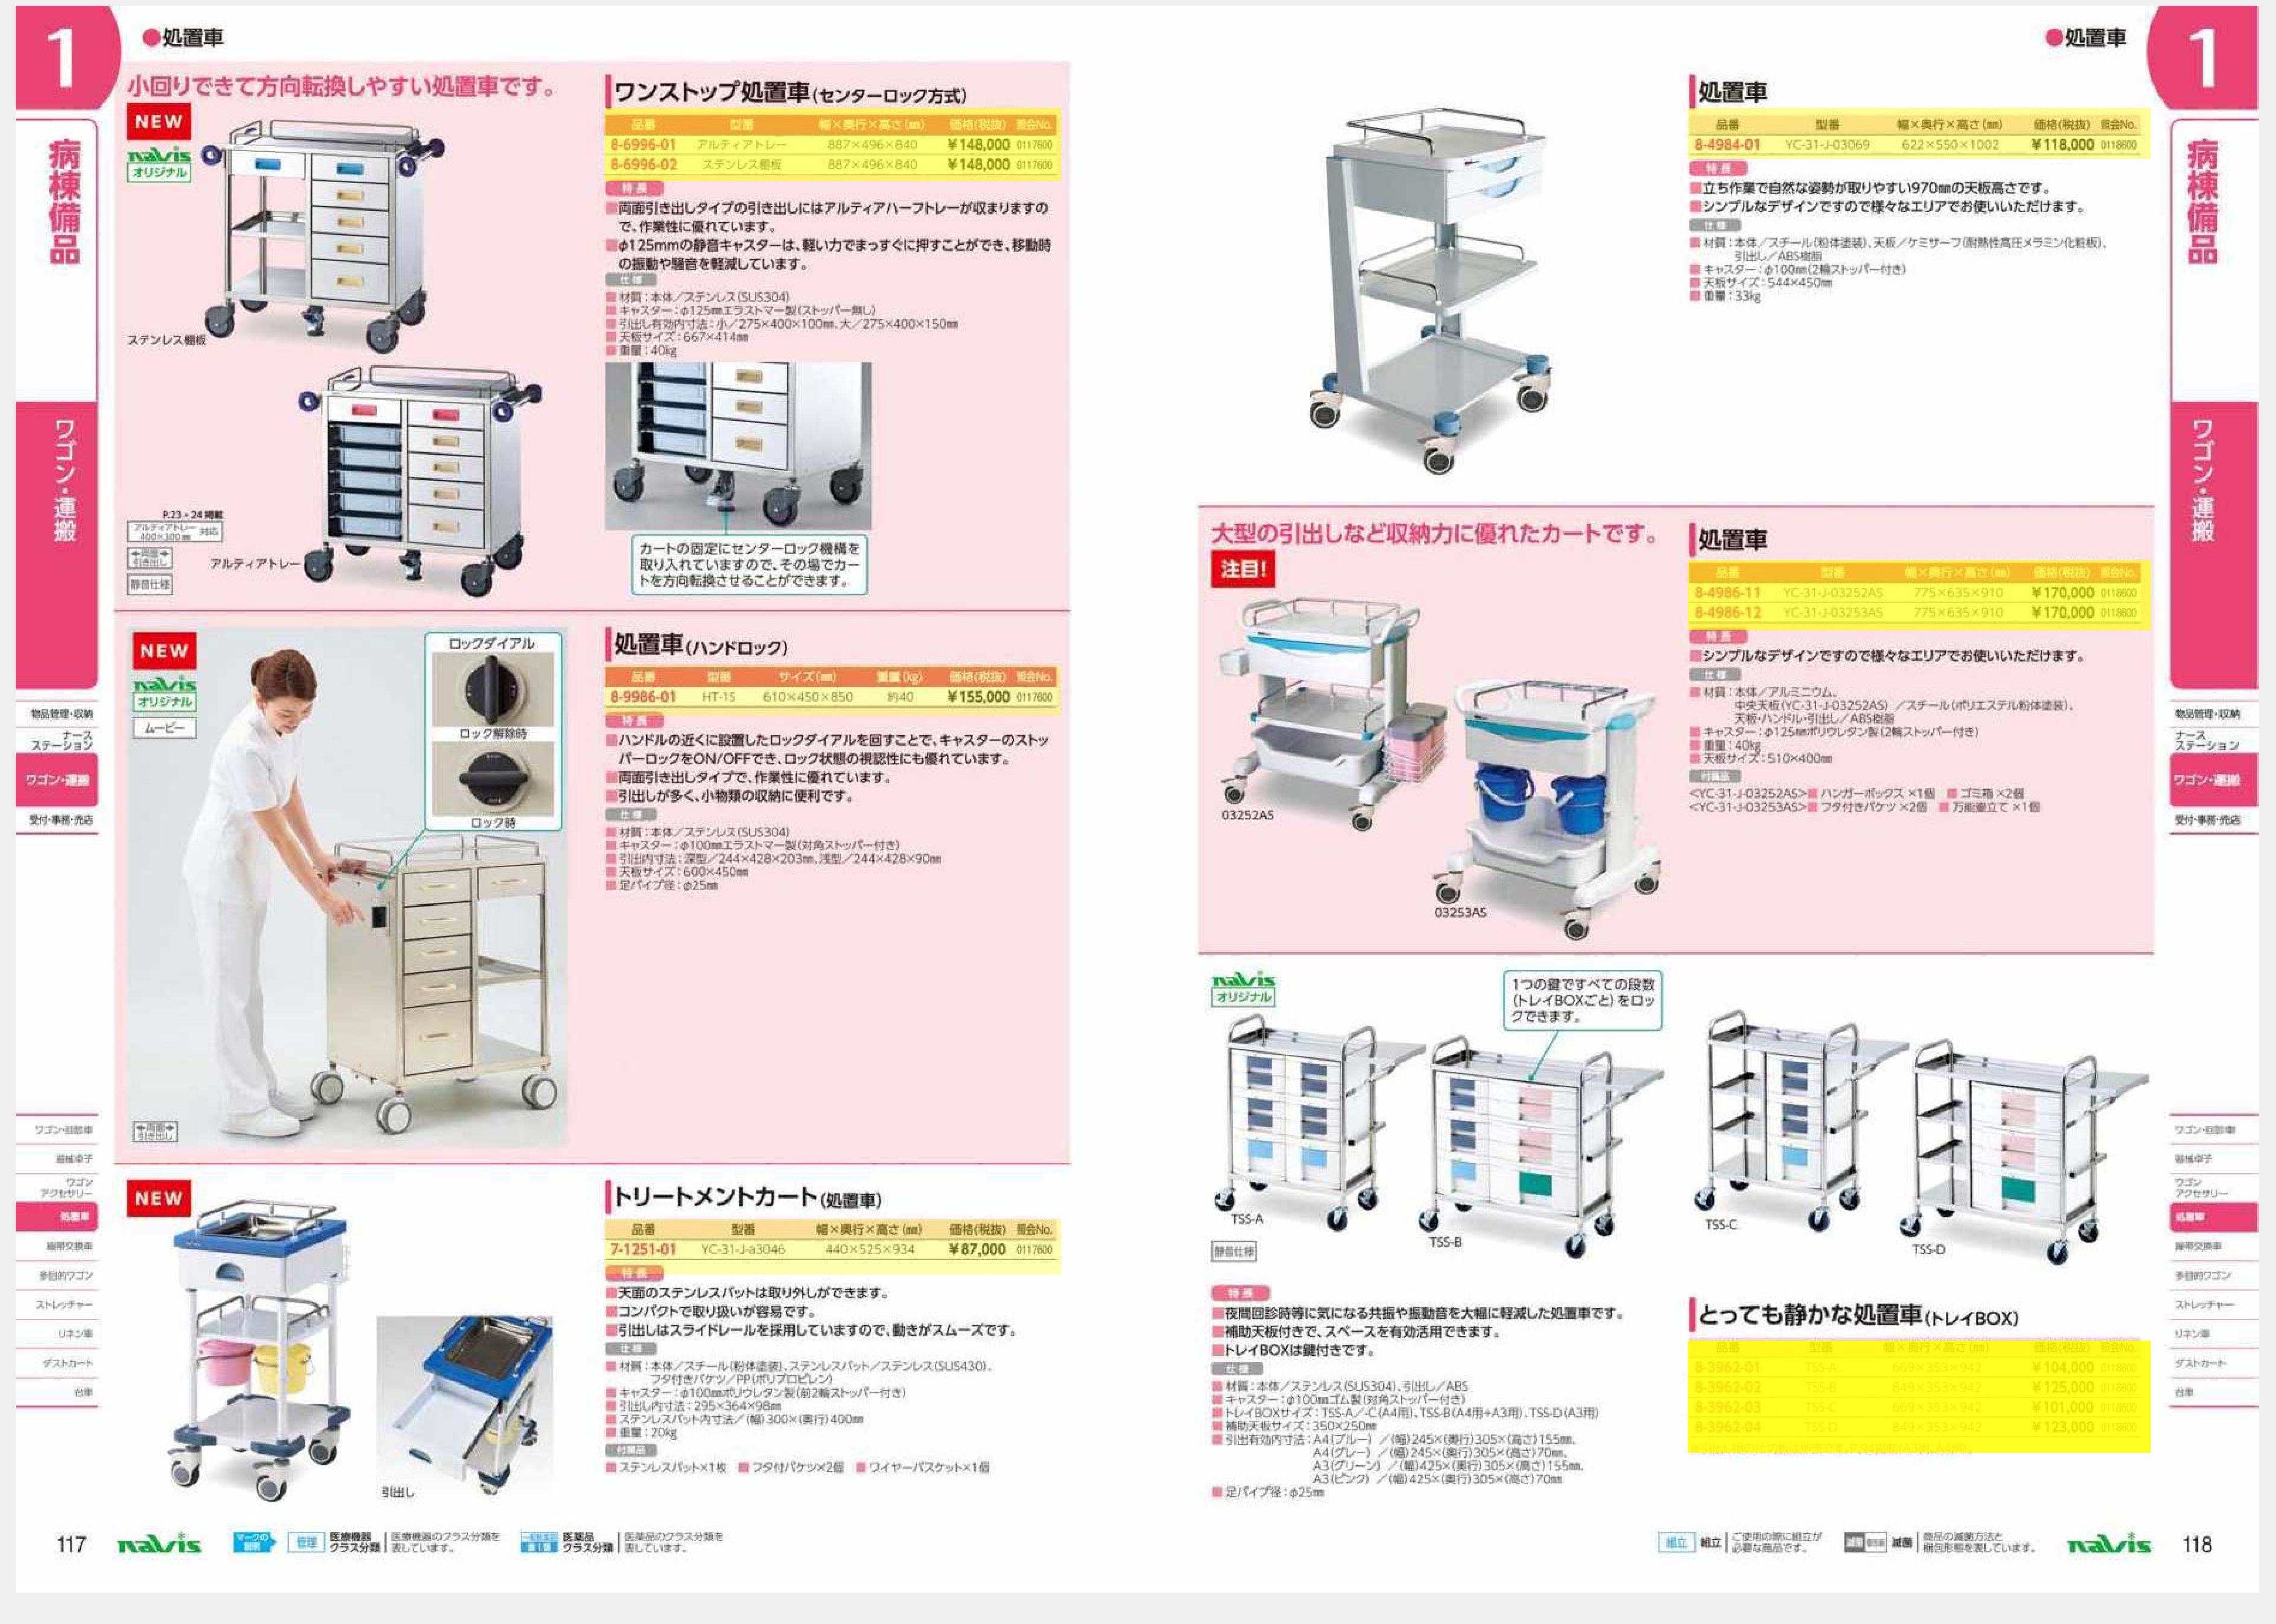 ナビス50000 ナビス 8-4986-11 処置車 YC−31−J−03252AS 775×635×910mm[個](as1-8-4986-11)